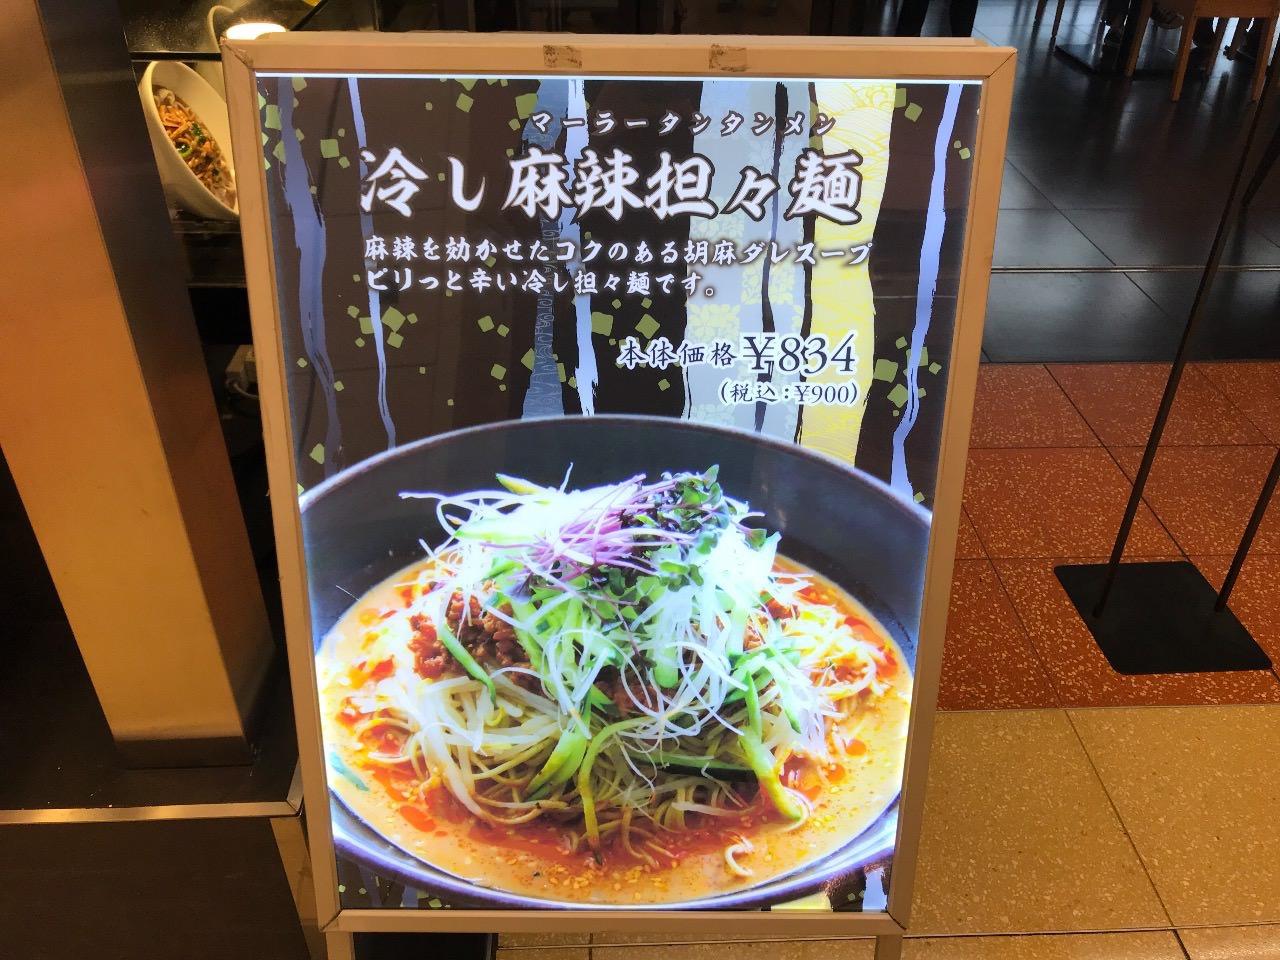 羽田空港 トーキョーエアポートレストラン 08